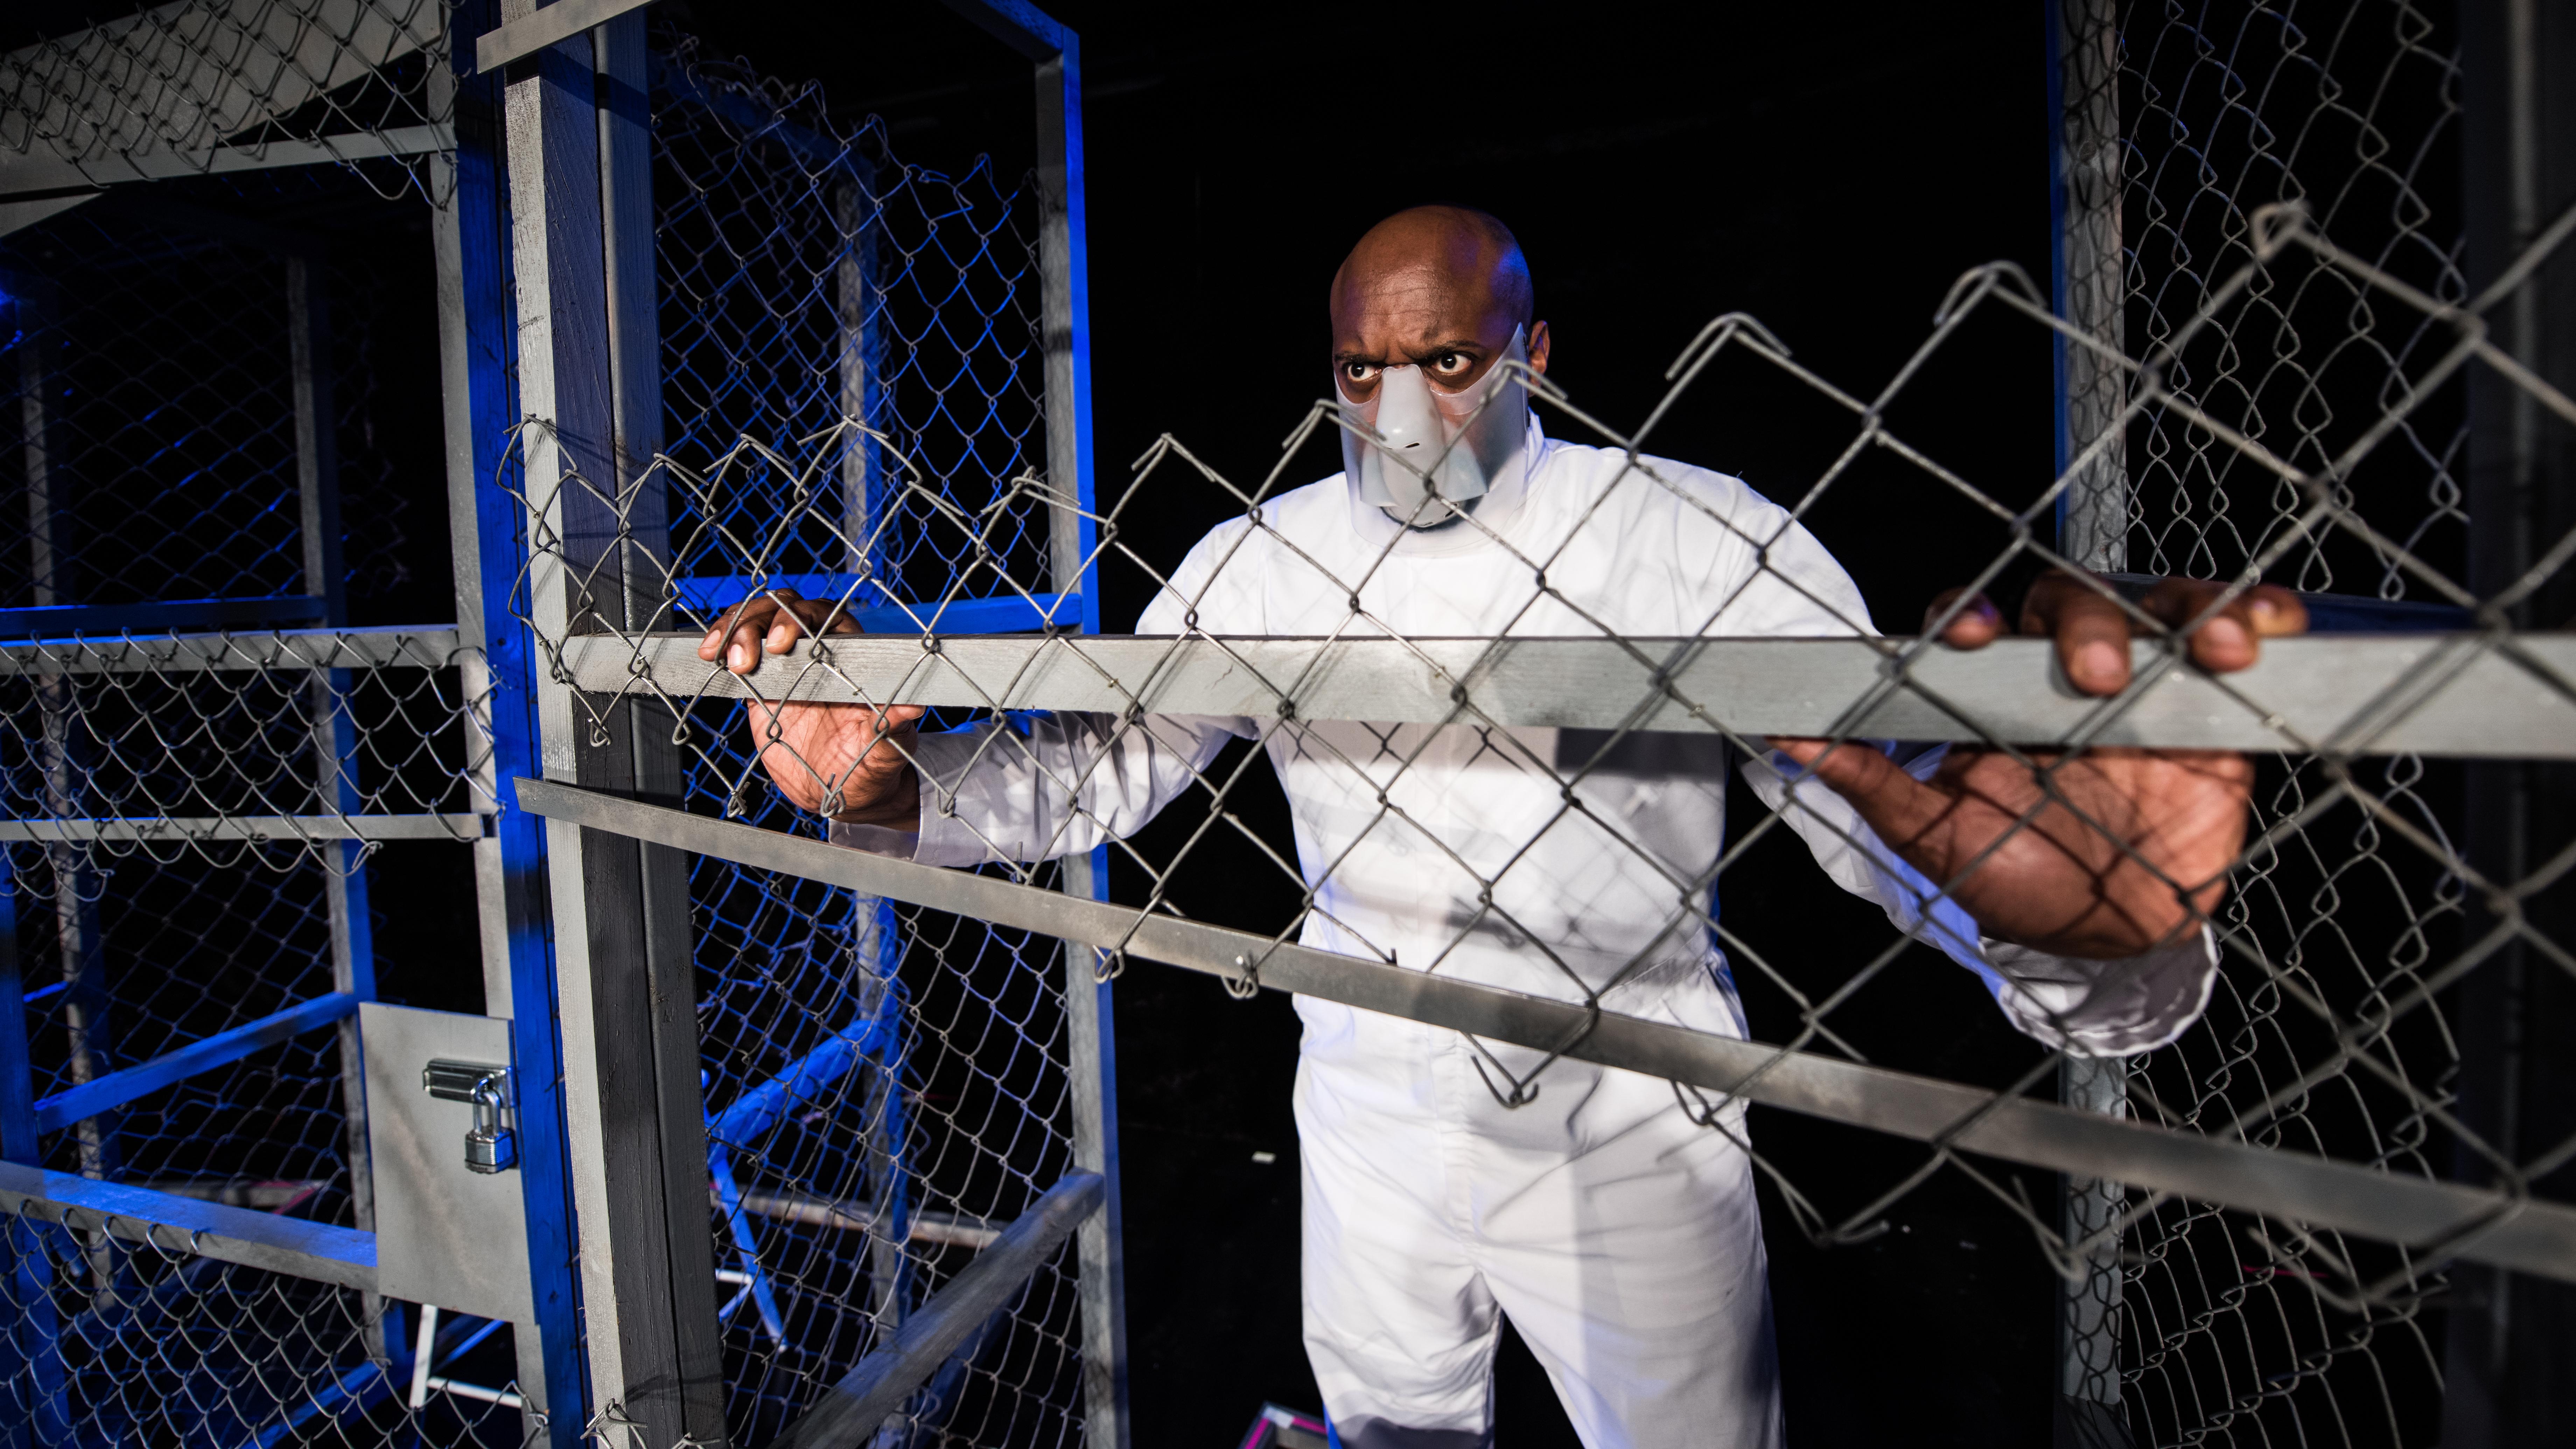 Marc - inside cage full body - 2